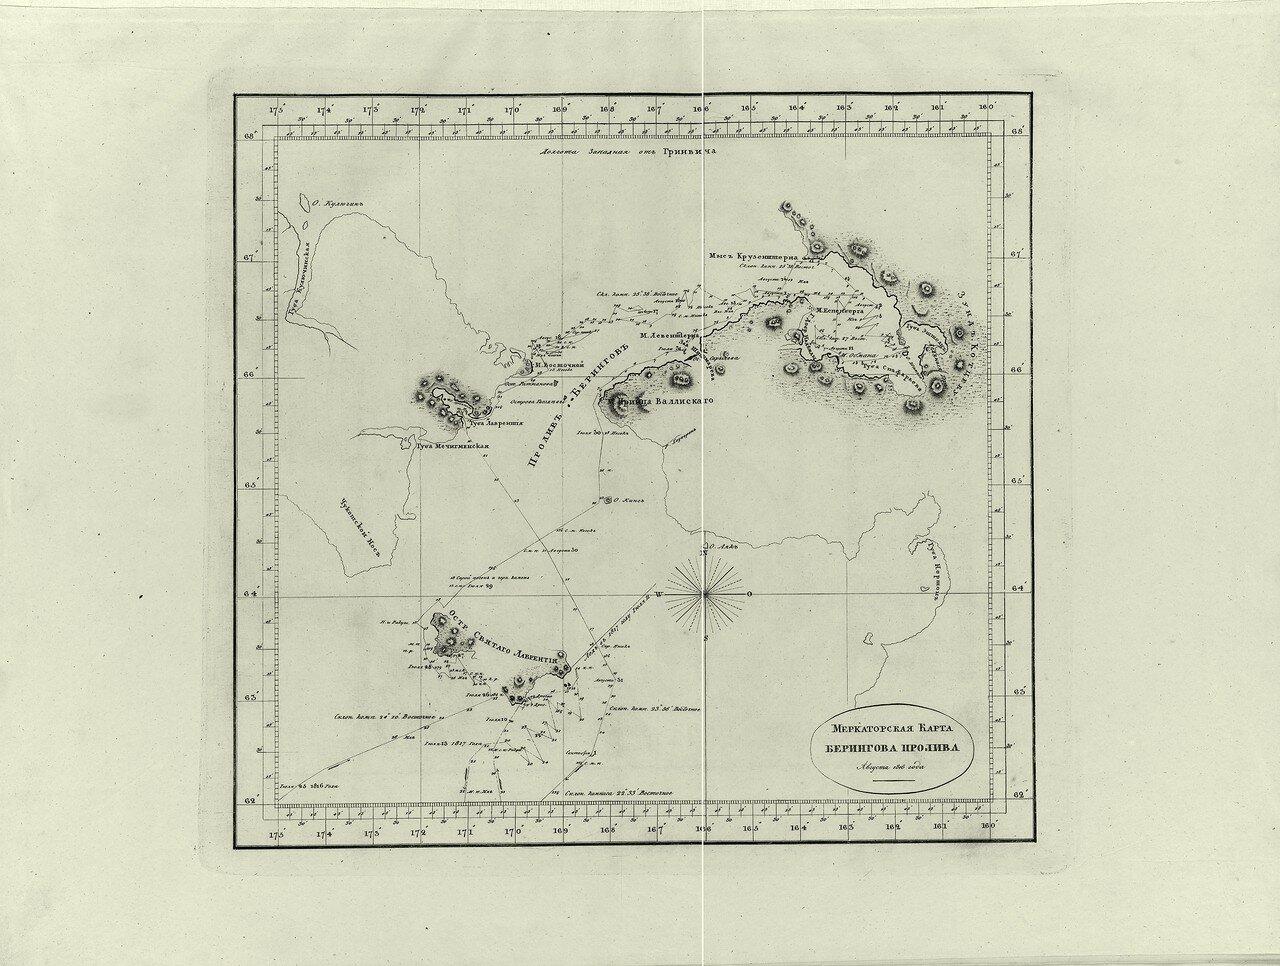 07. Меркаторская карта Берингова пролива